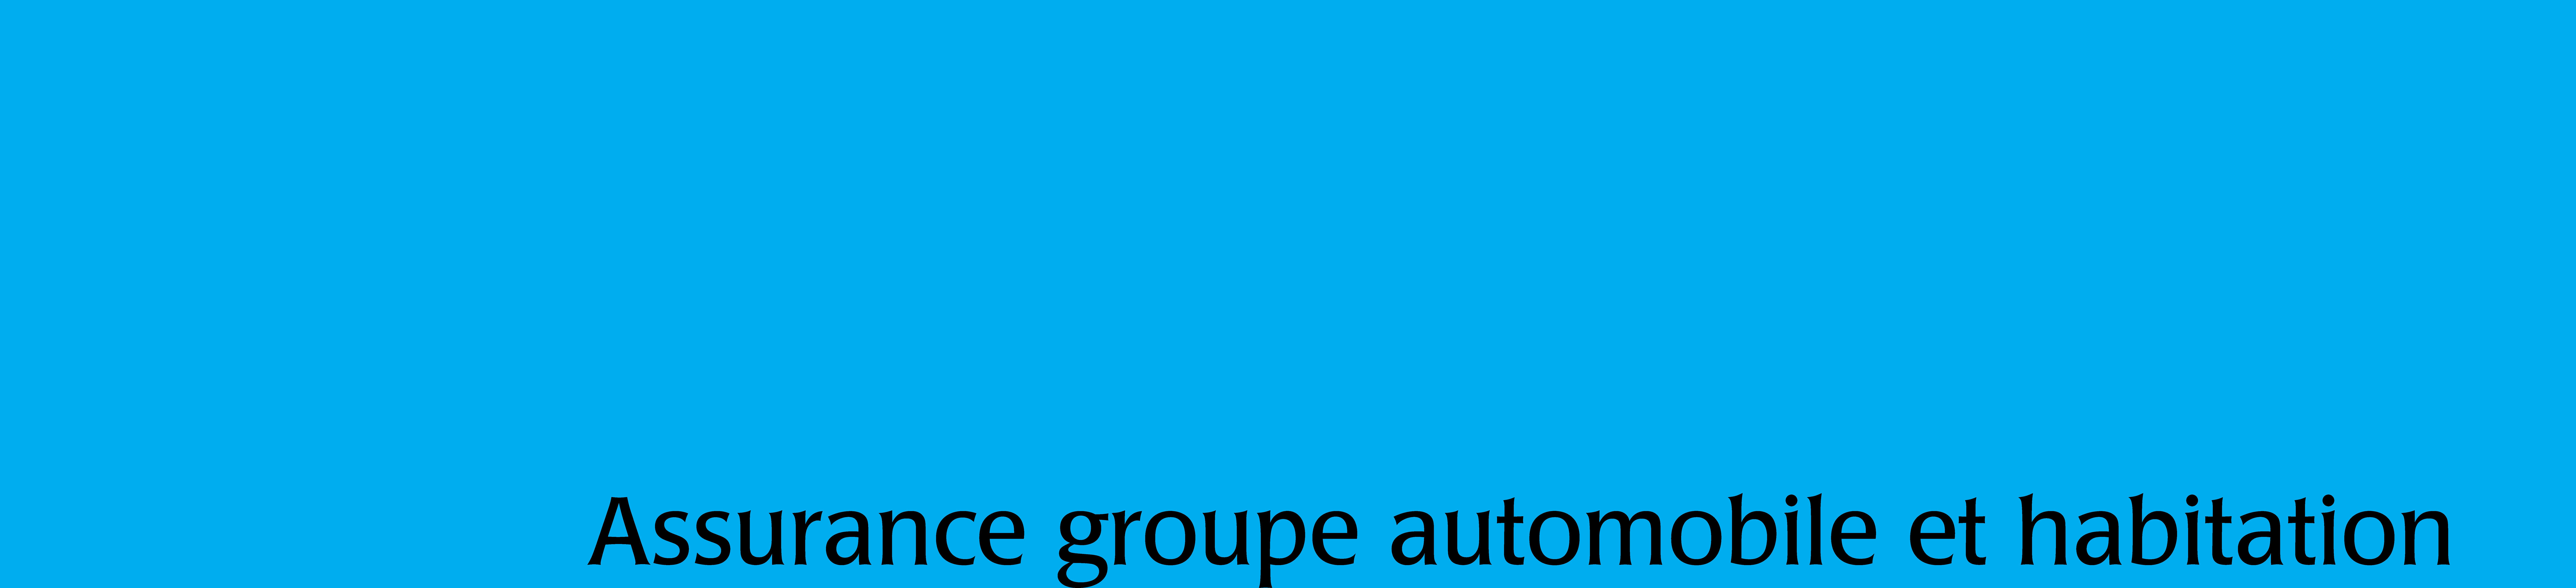 CCI2M - Entreprise - Co-operators Assurance groupe automobile et habitation